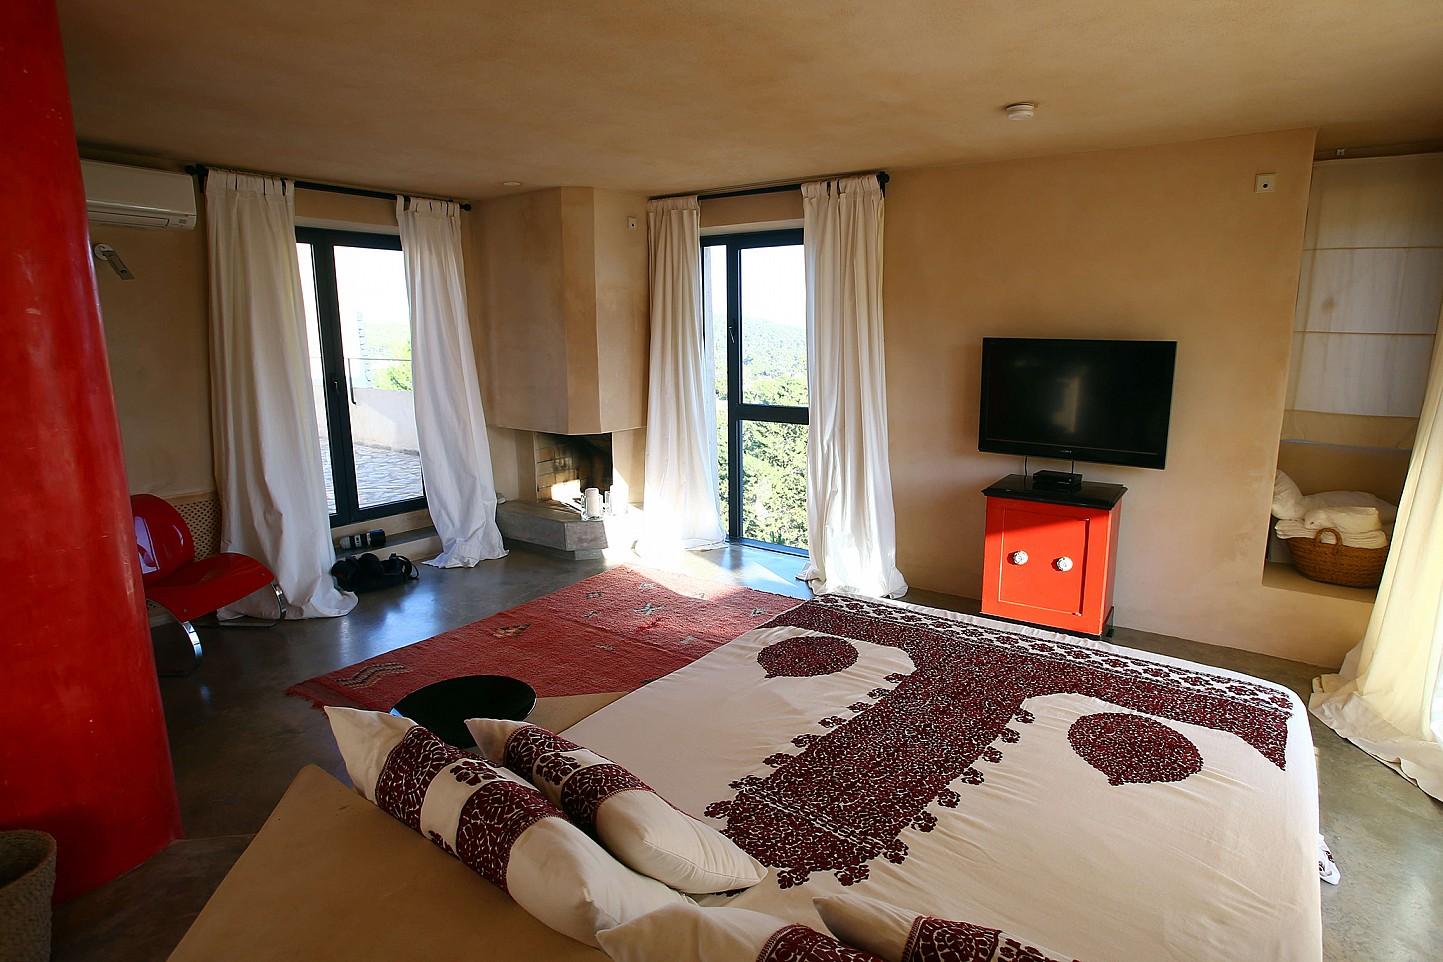 Fantàstic dormitori solejat